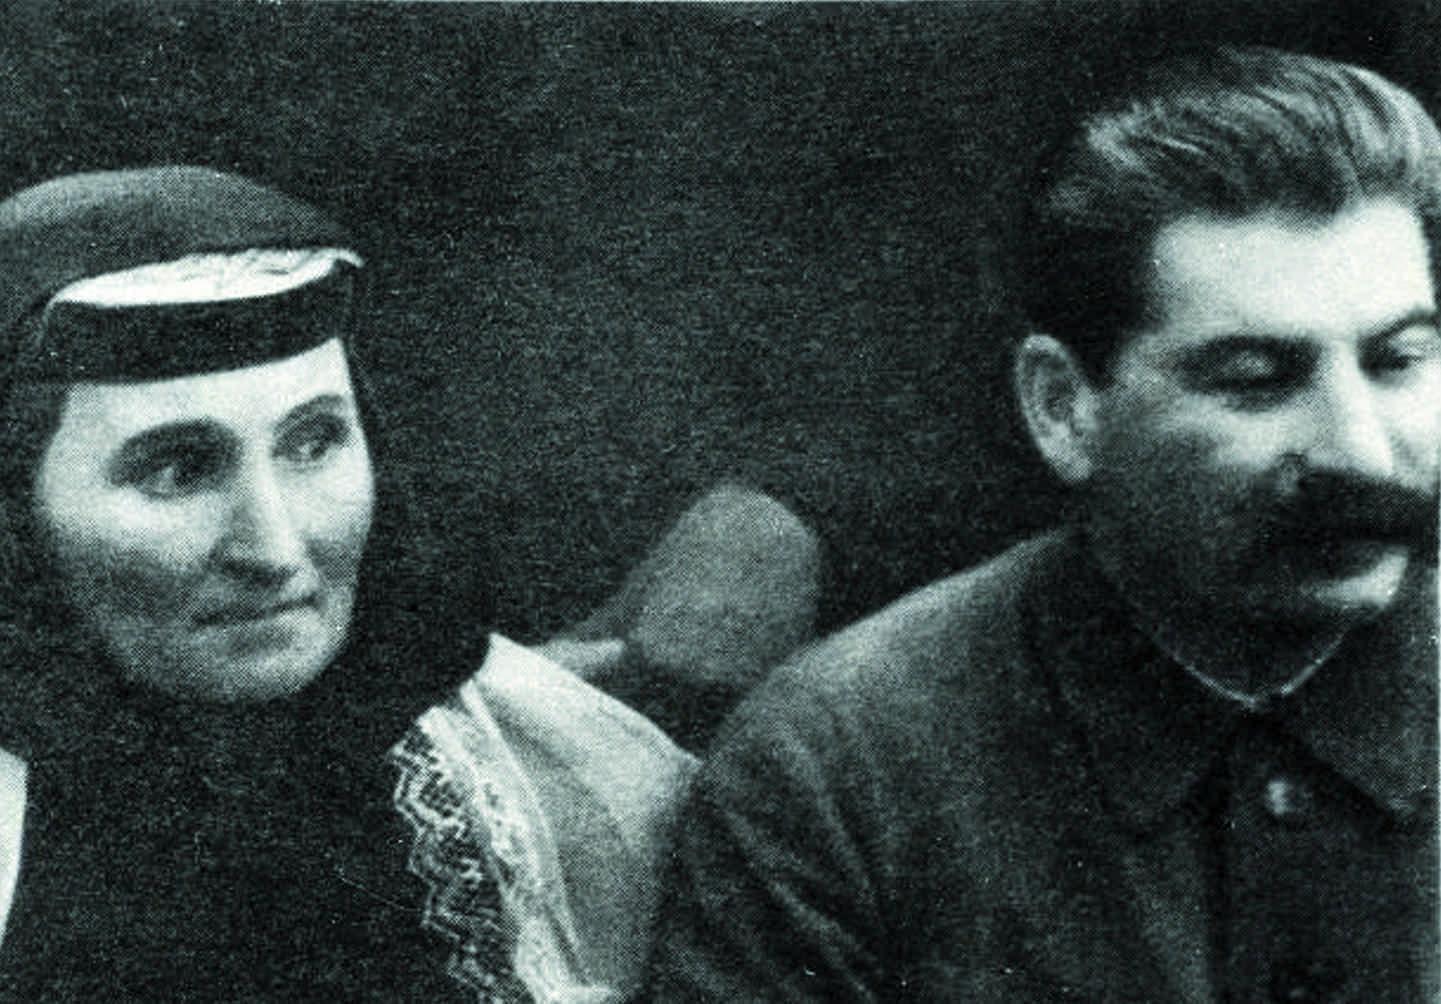 Василий Сталин: биография, личная жизнь, жены, дети 31